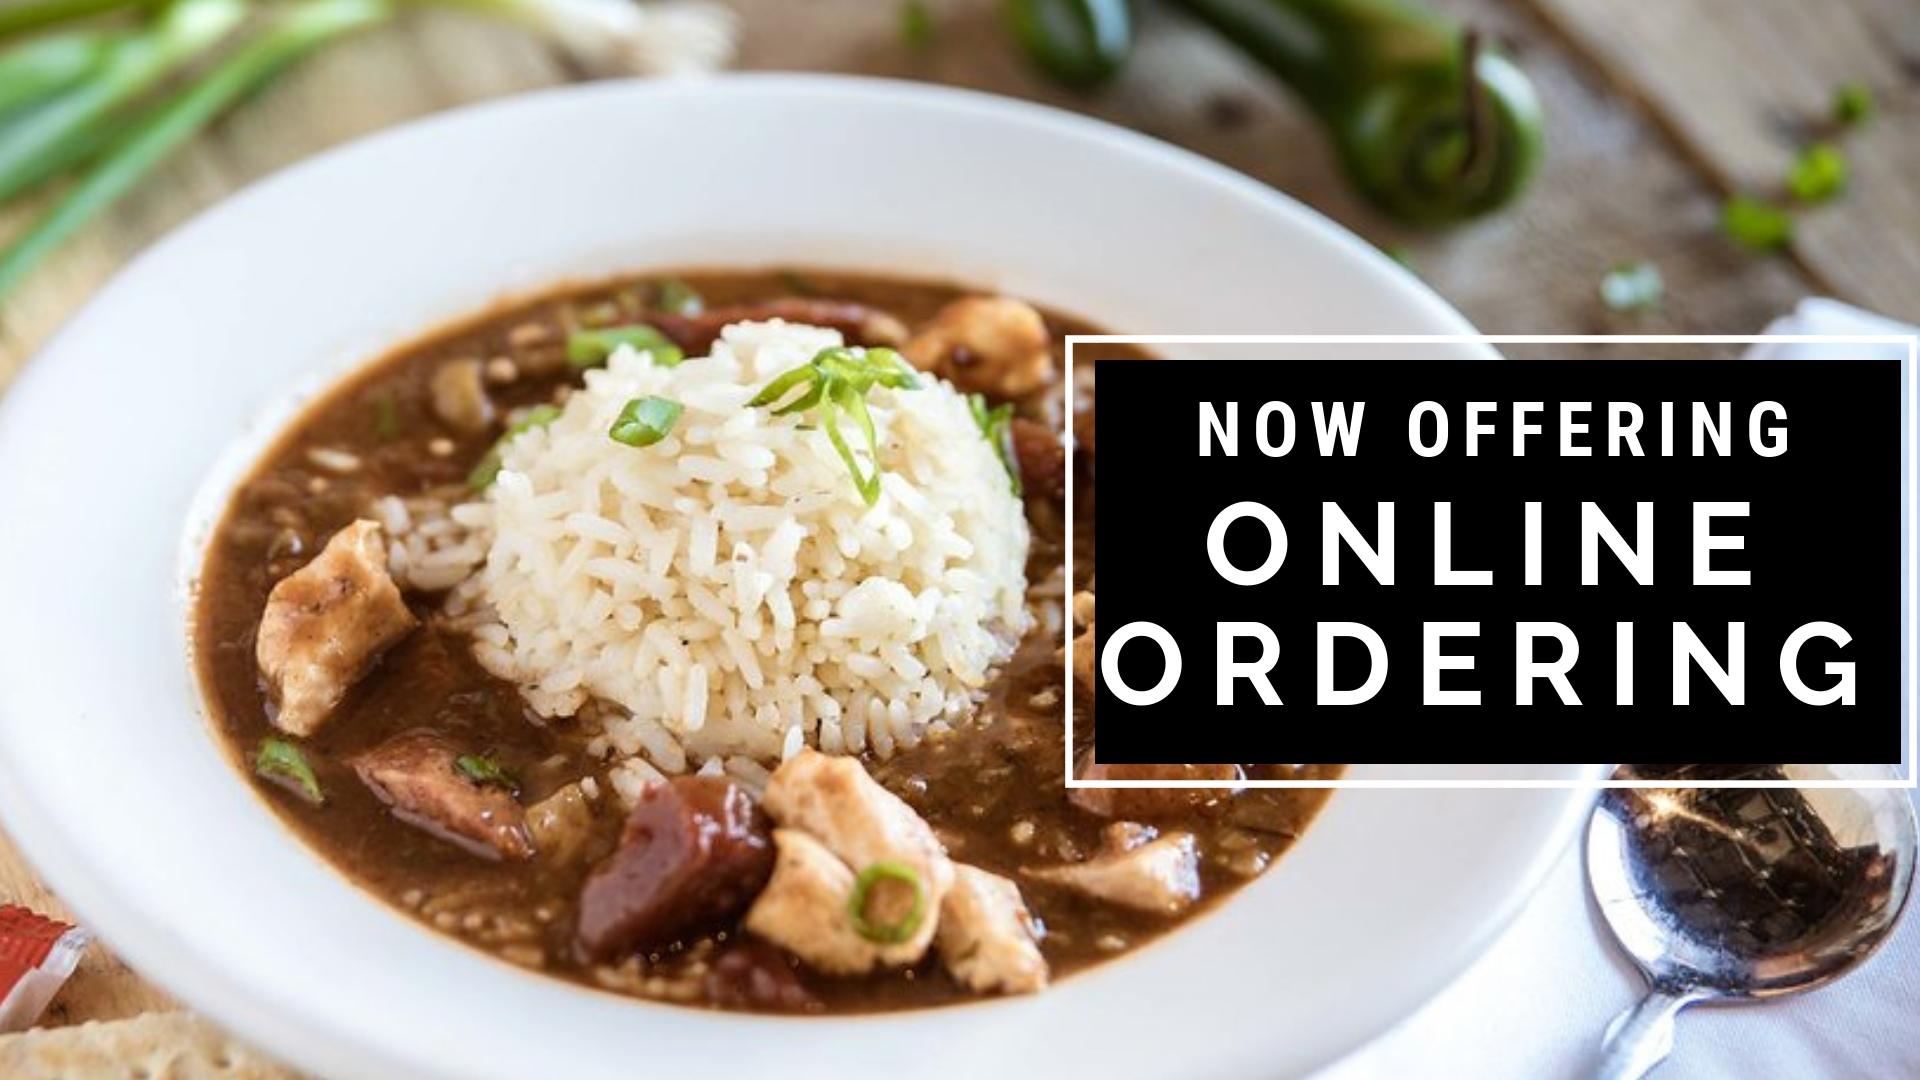 Online Ordering Web banner.jpg